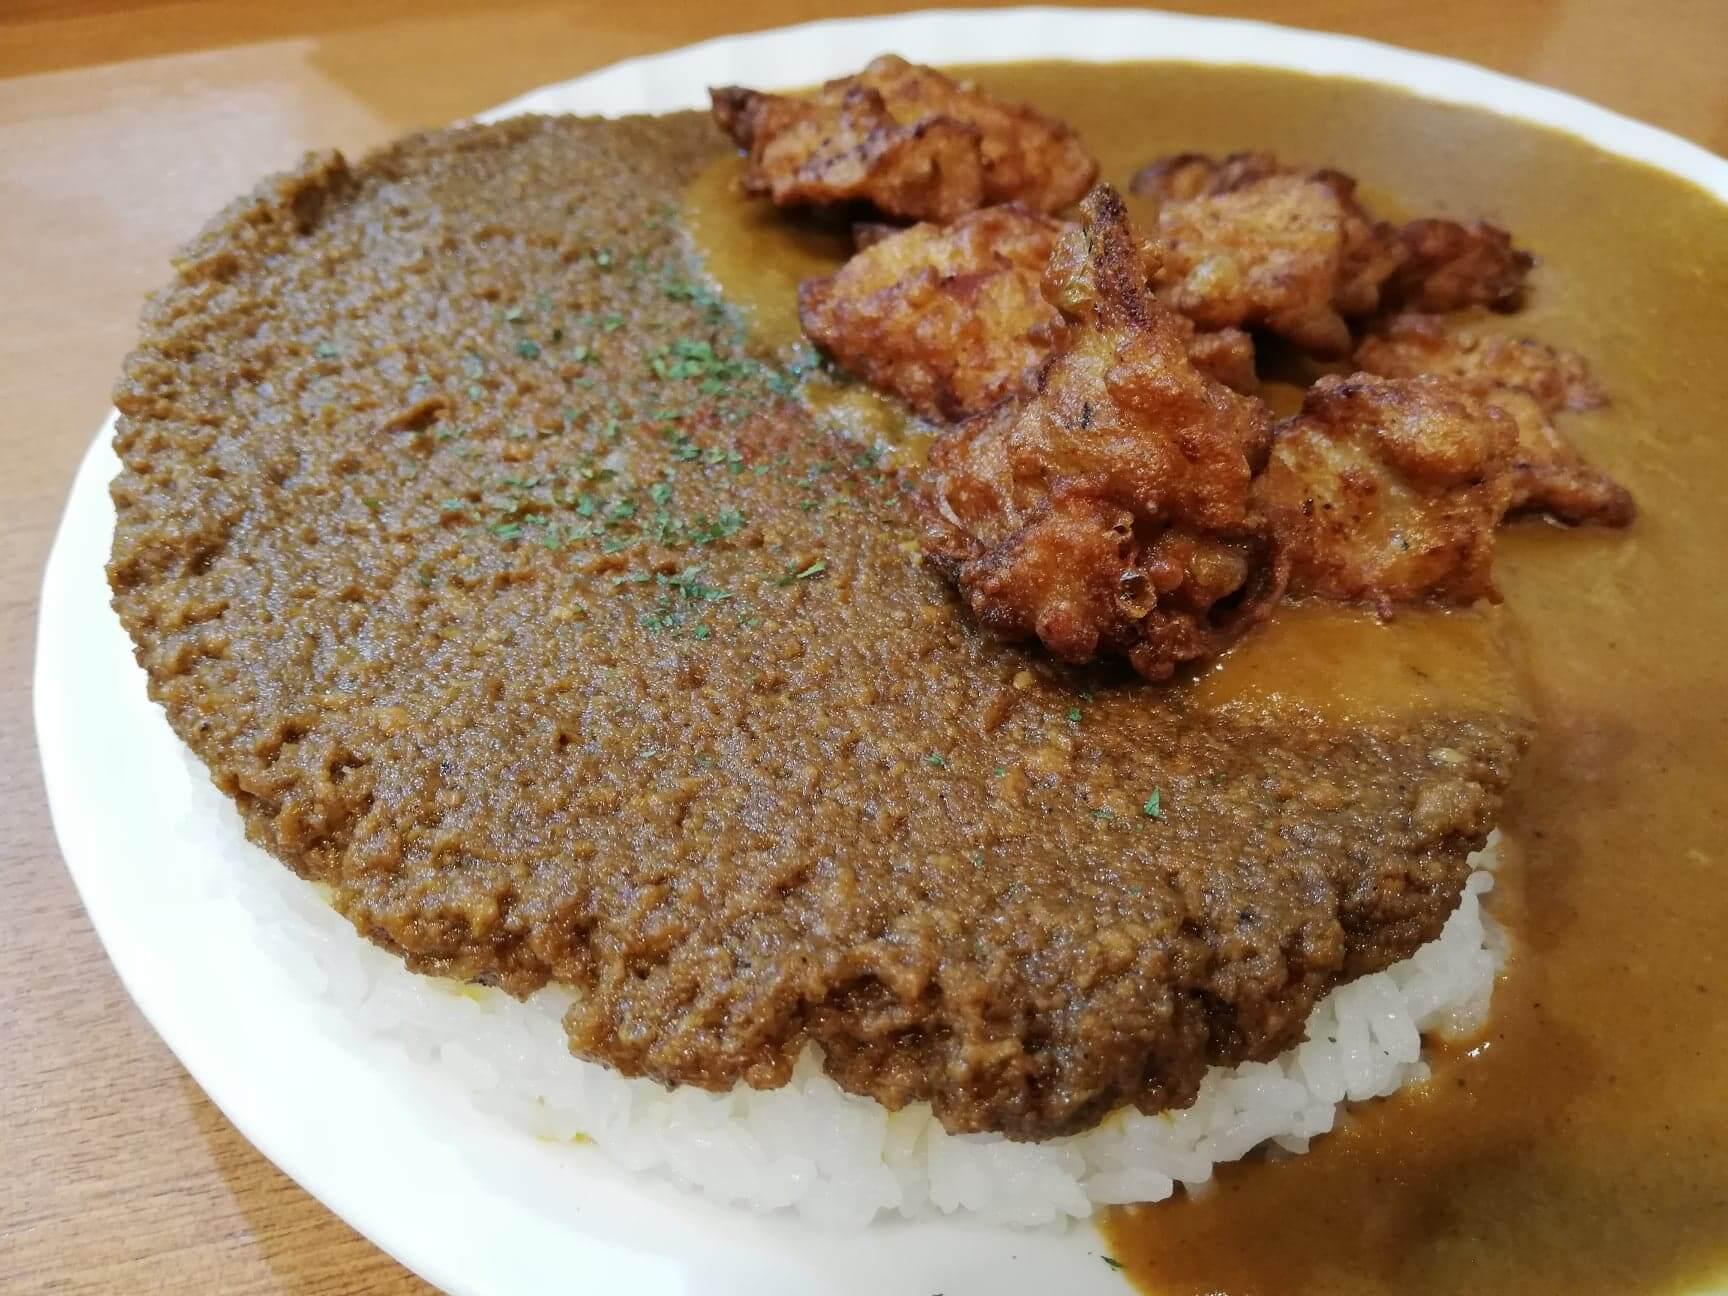 渋谷(神泉)『カレー屋パクパクもりもり』のドライカレーの写真